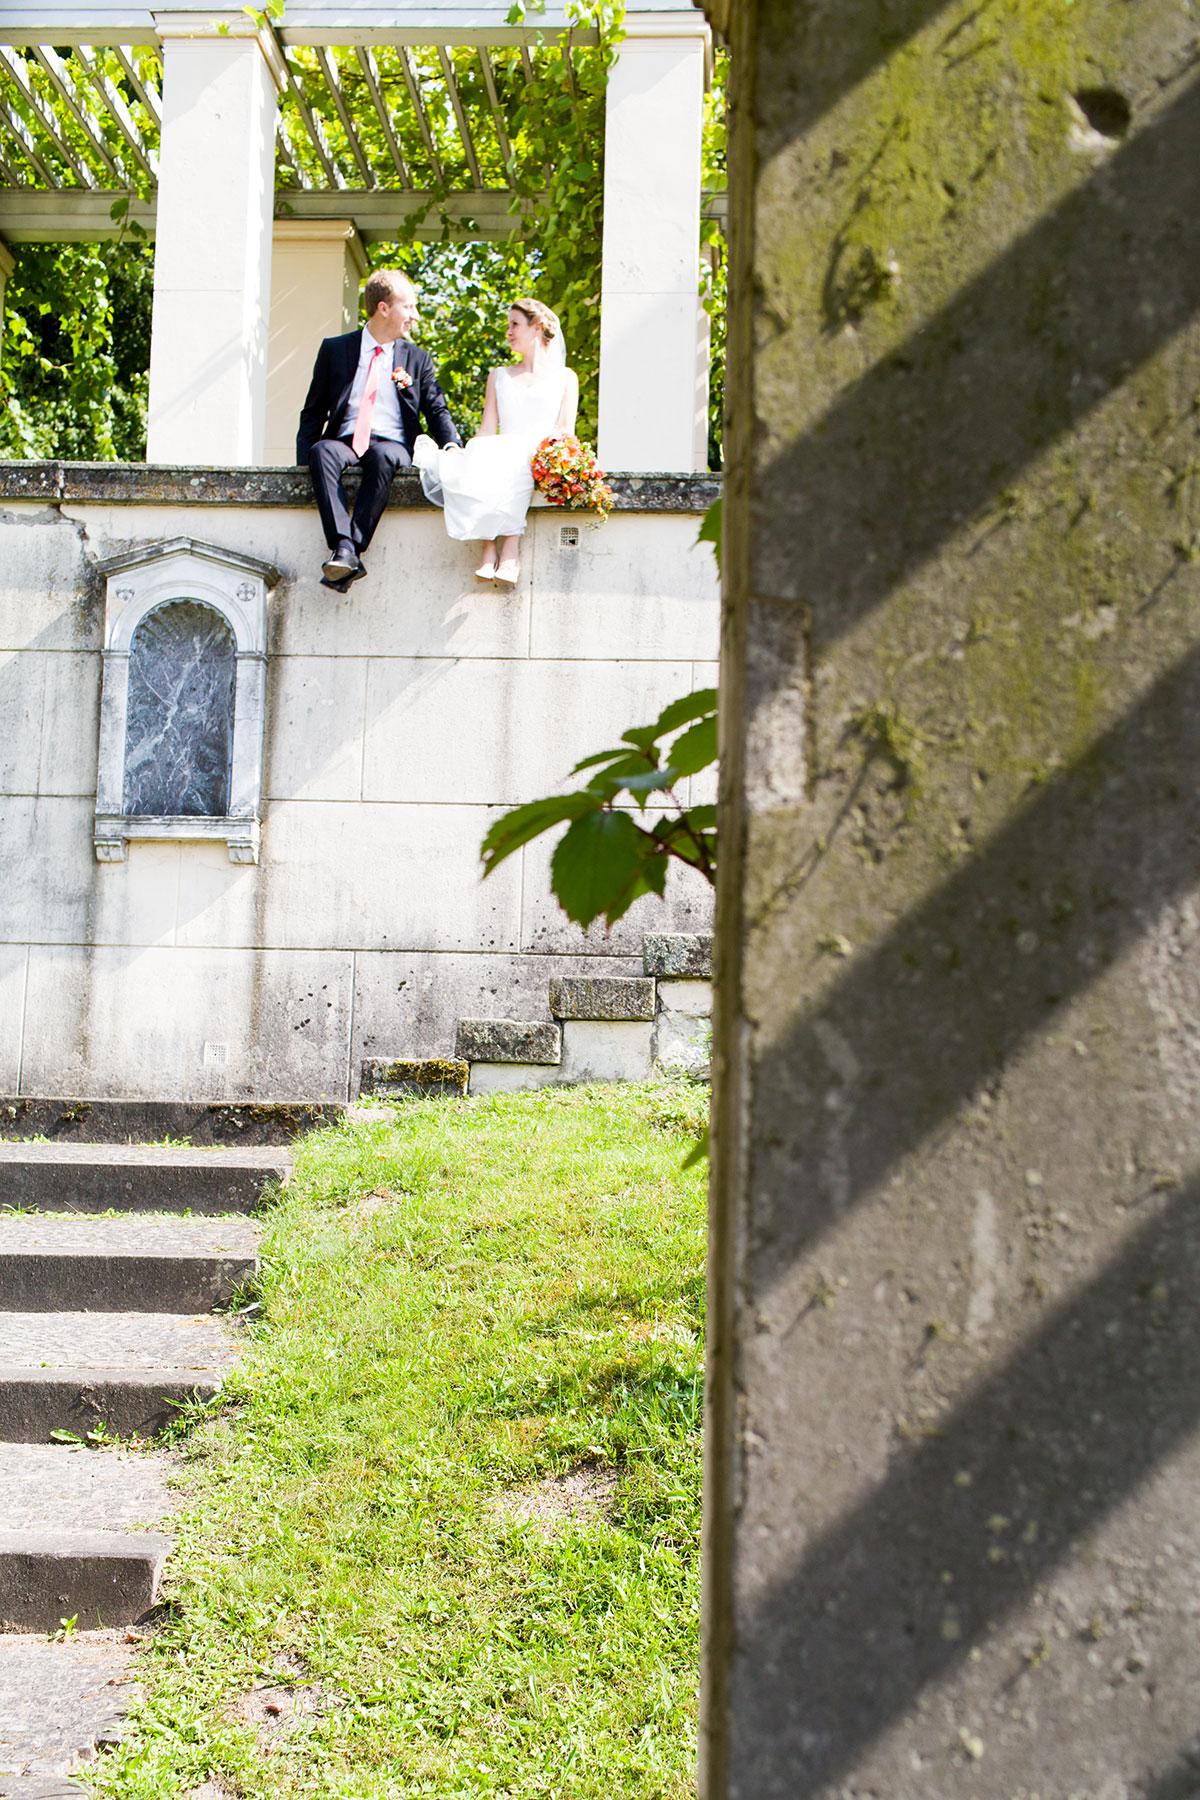 P90A0323-BearbeitetP90A0323-BearbeitetHochzeitsfotos_Wannsee